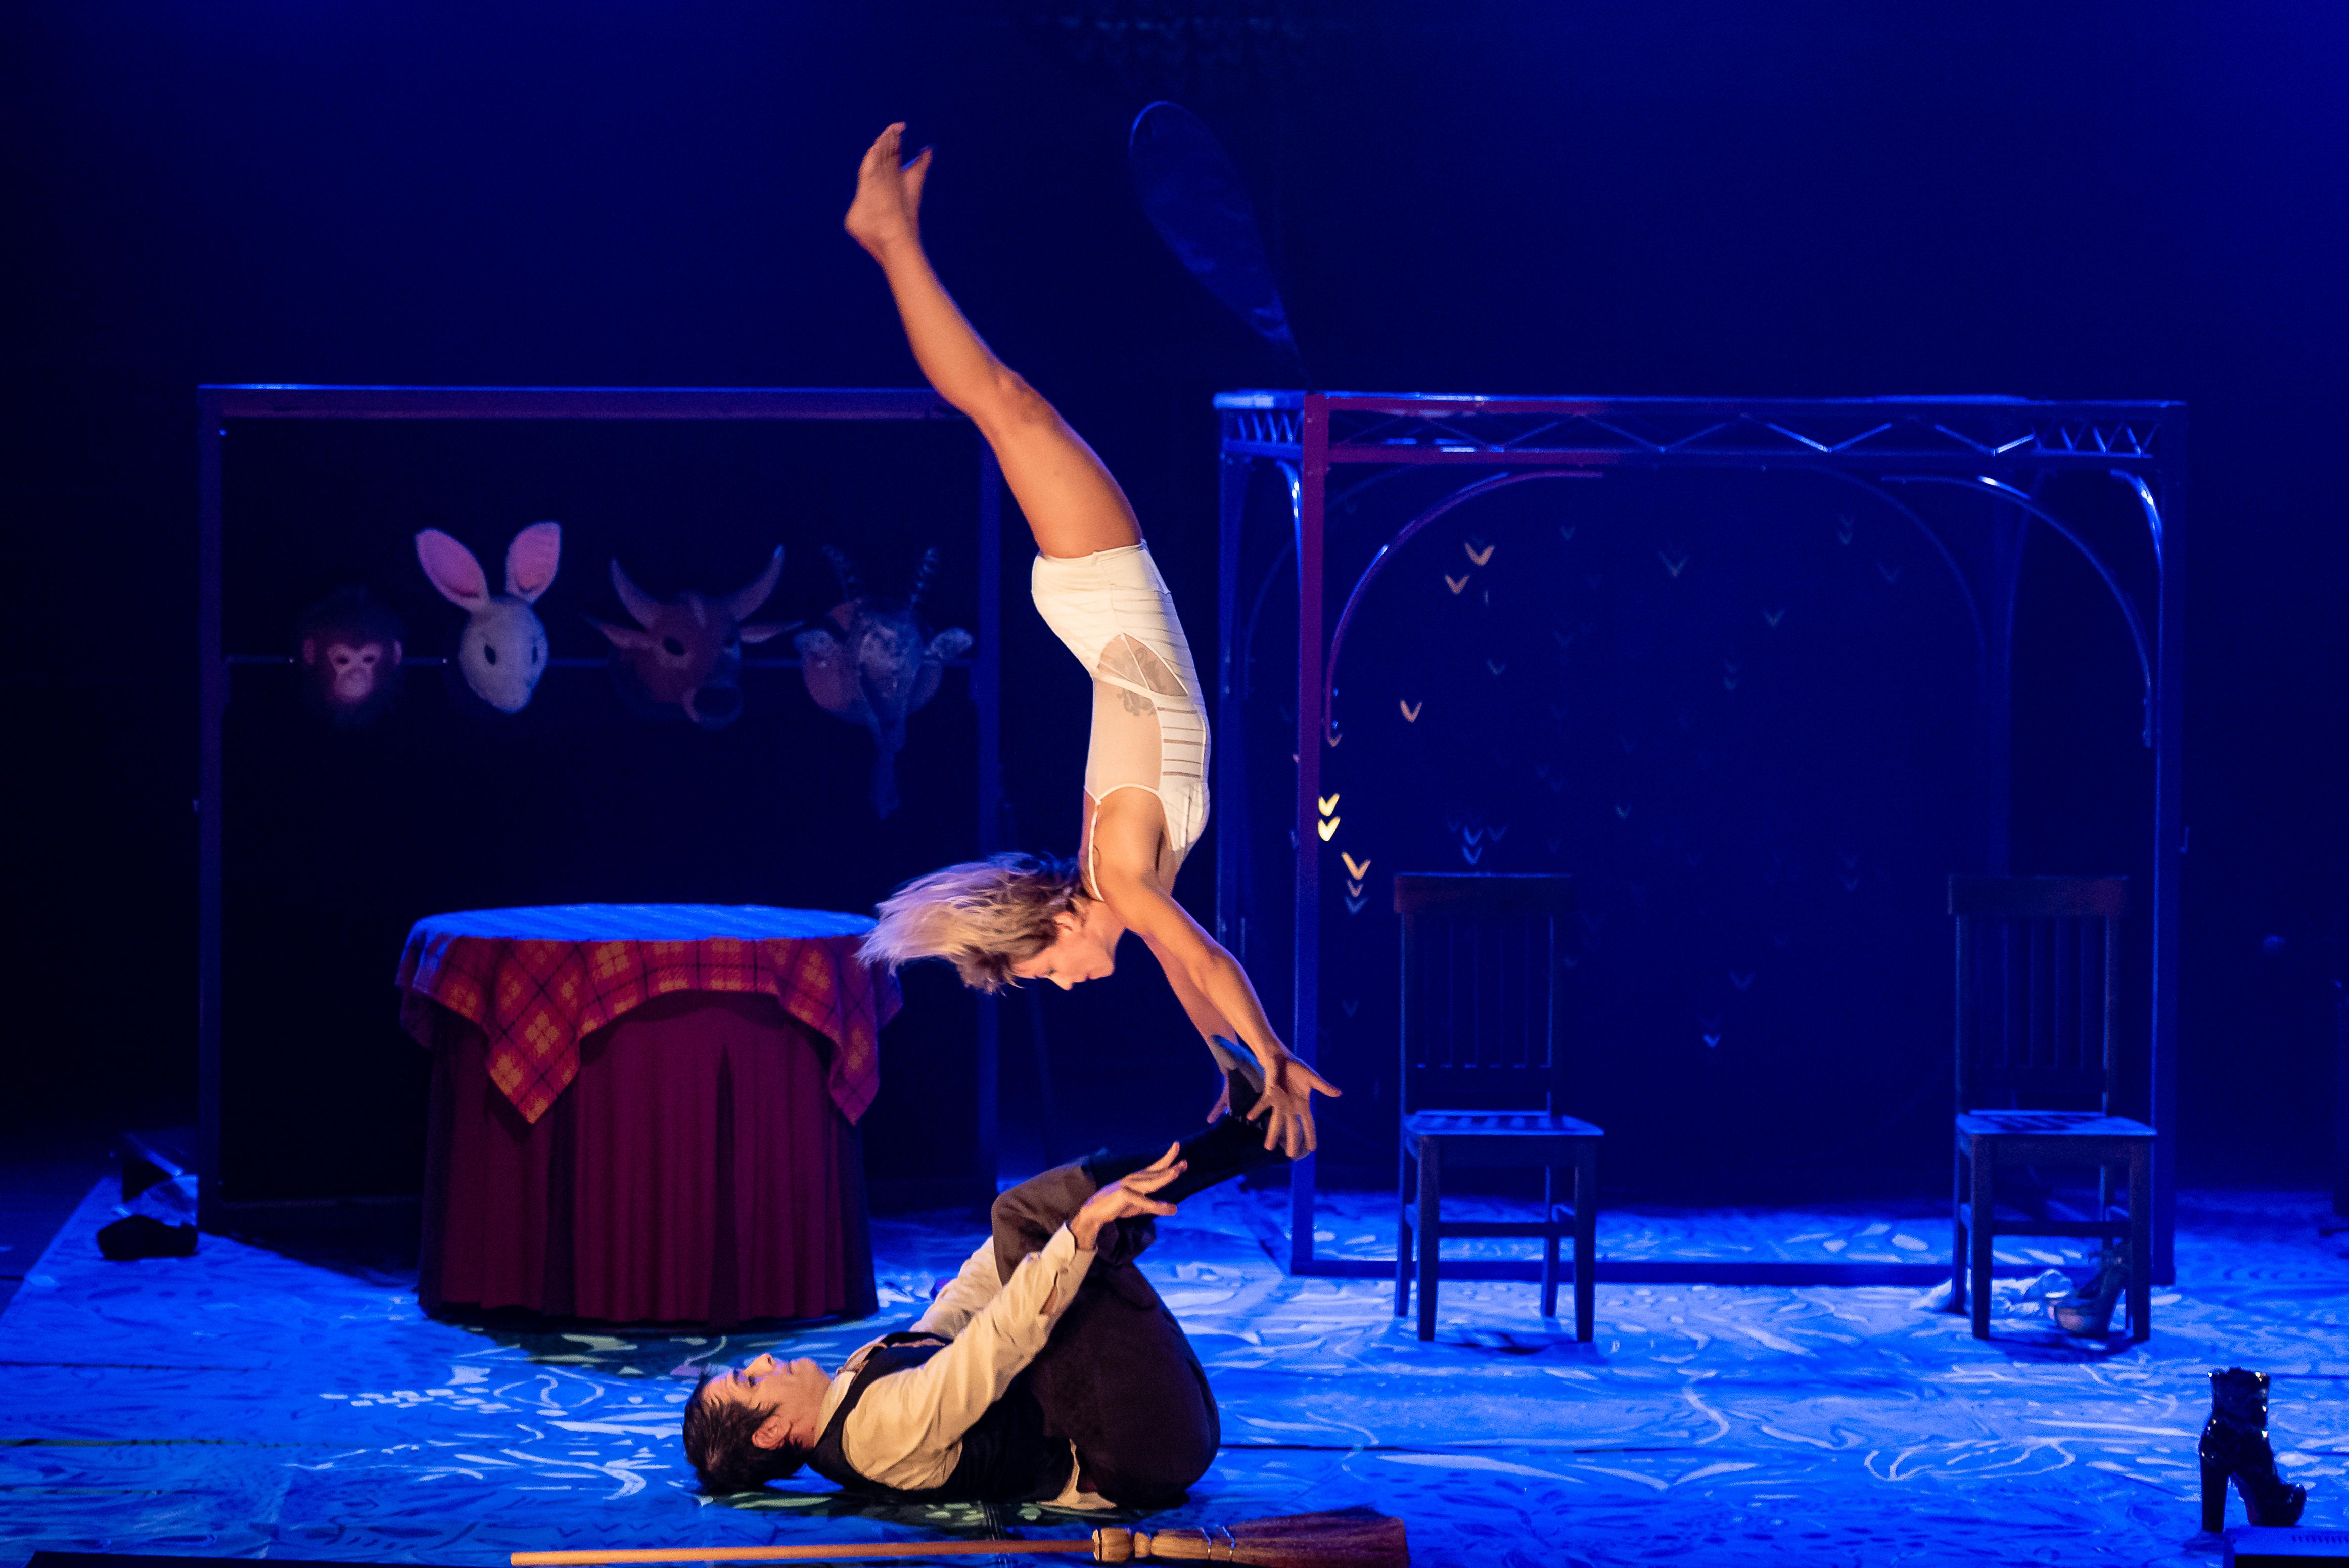 Está no ar o 6º Festival Internacional Sesc de Circo,  que vai até 4/9 e é totalmente on line. São 50 atividades, entre elas 11 espetáculos, 9 deles gravados ao vivo, e transmitidos pelo canal Youtube do Sesc.